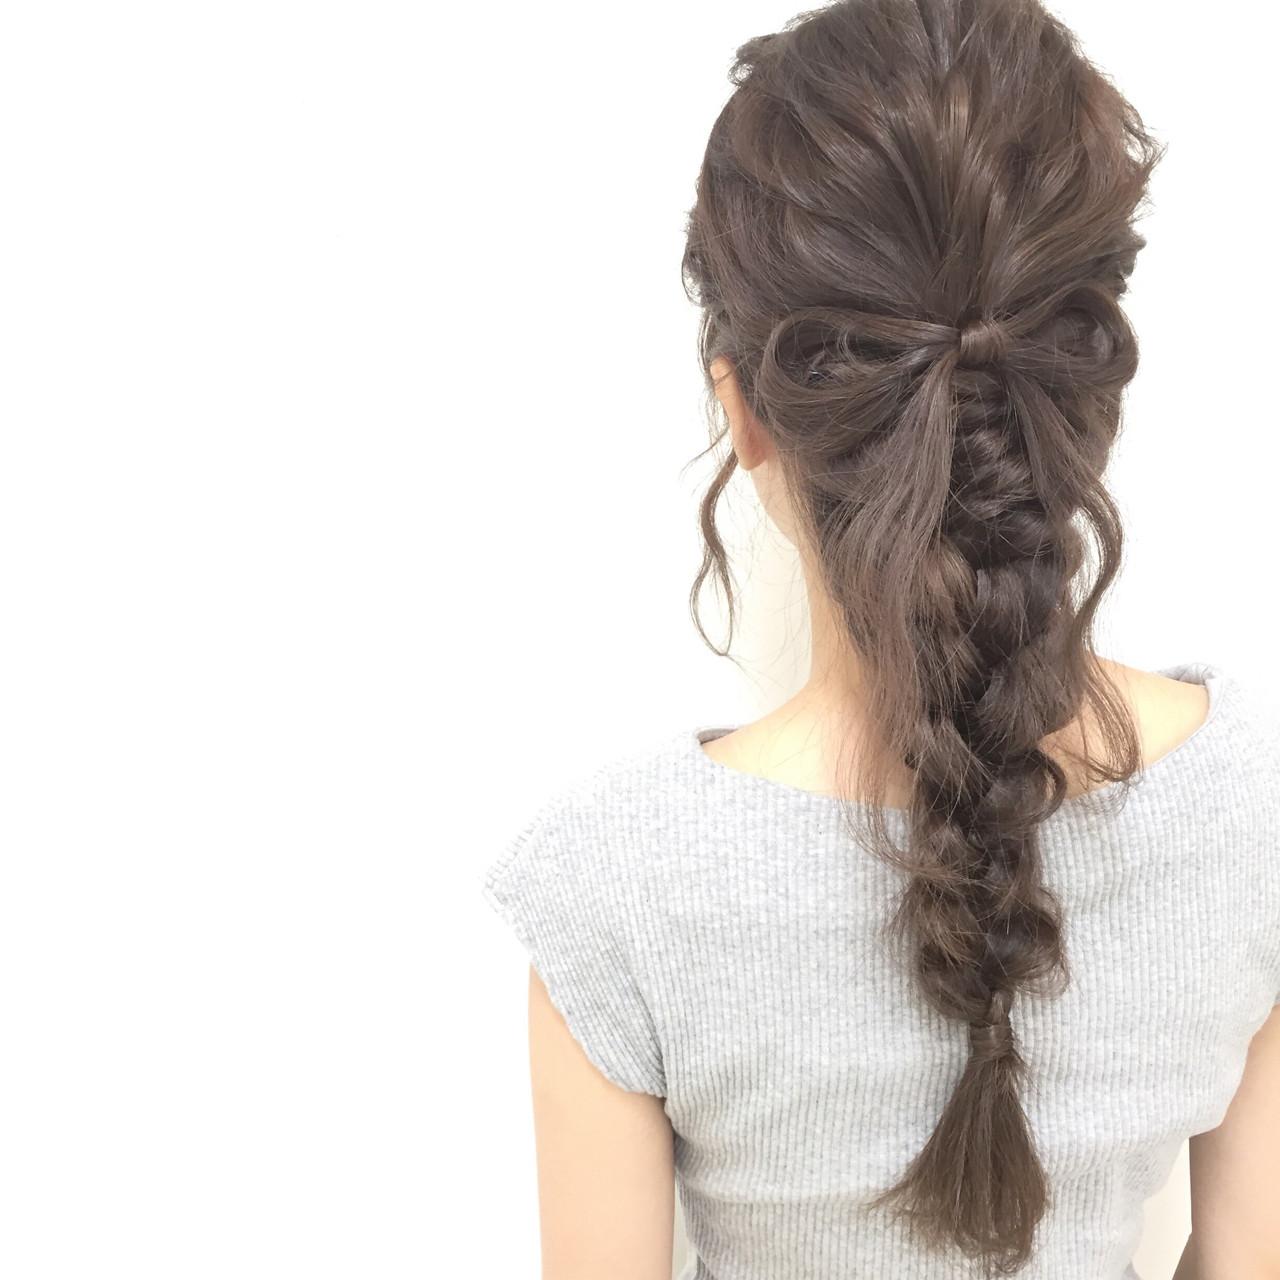 7 3k facebook 【HAIR】北島 玲那さんのヘアスタイルスナップ